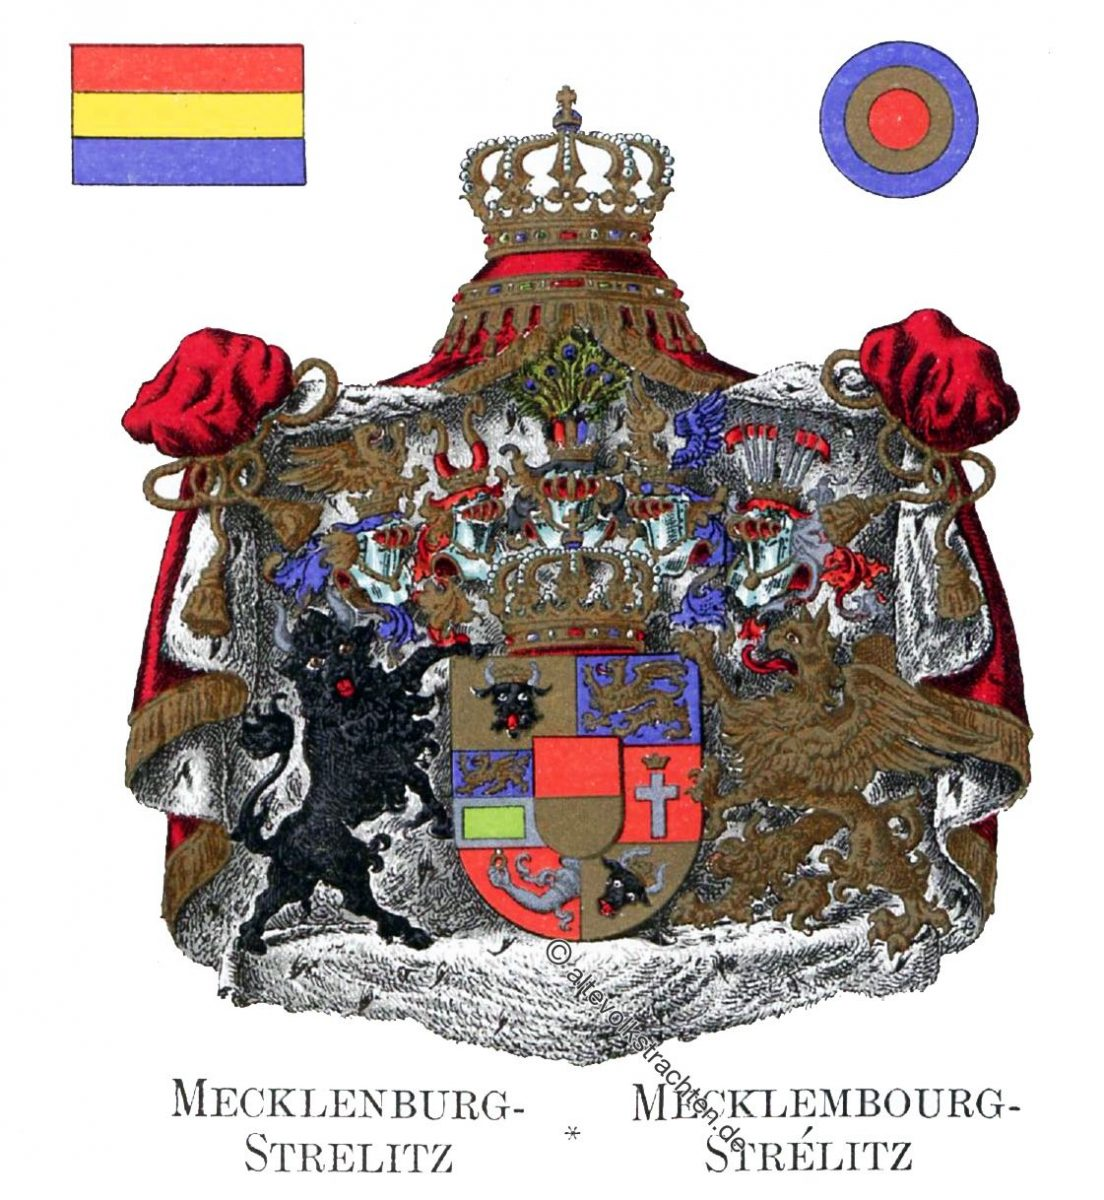 Mecklenburg-Strelitz, Mecklenbourg-Strélitz, Staatswappen, Wappen, Heraldik, Deutschland, Landesflaggen, Cocarden,